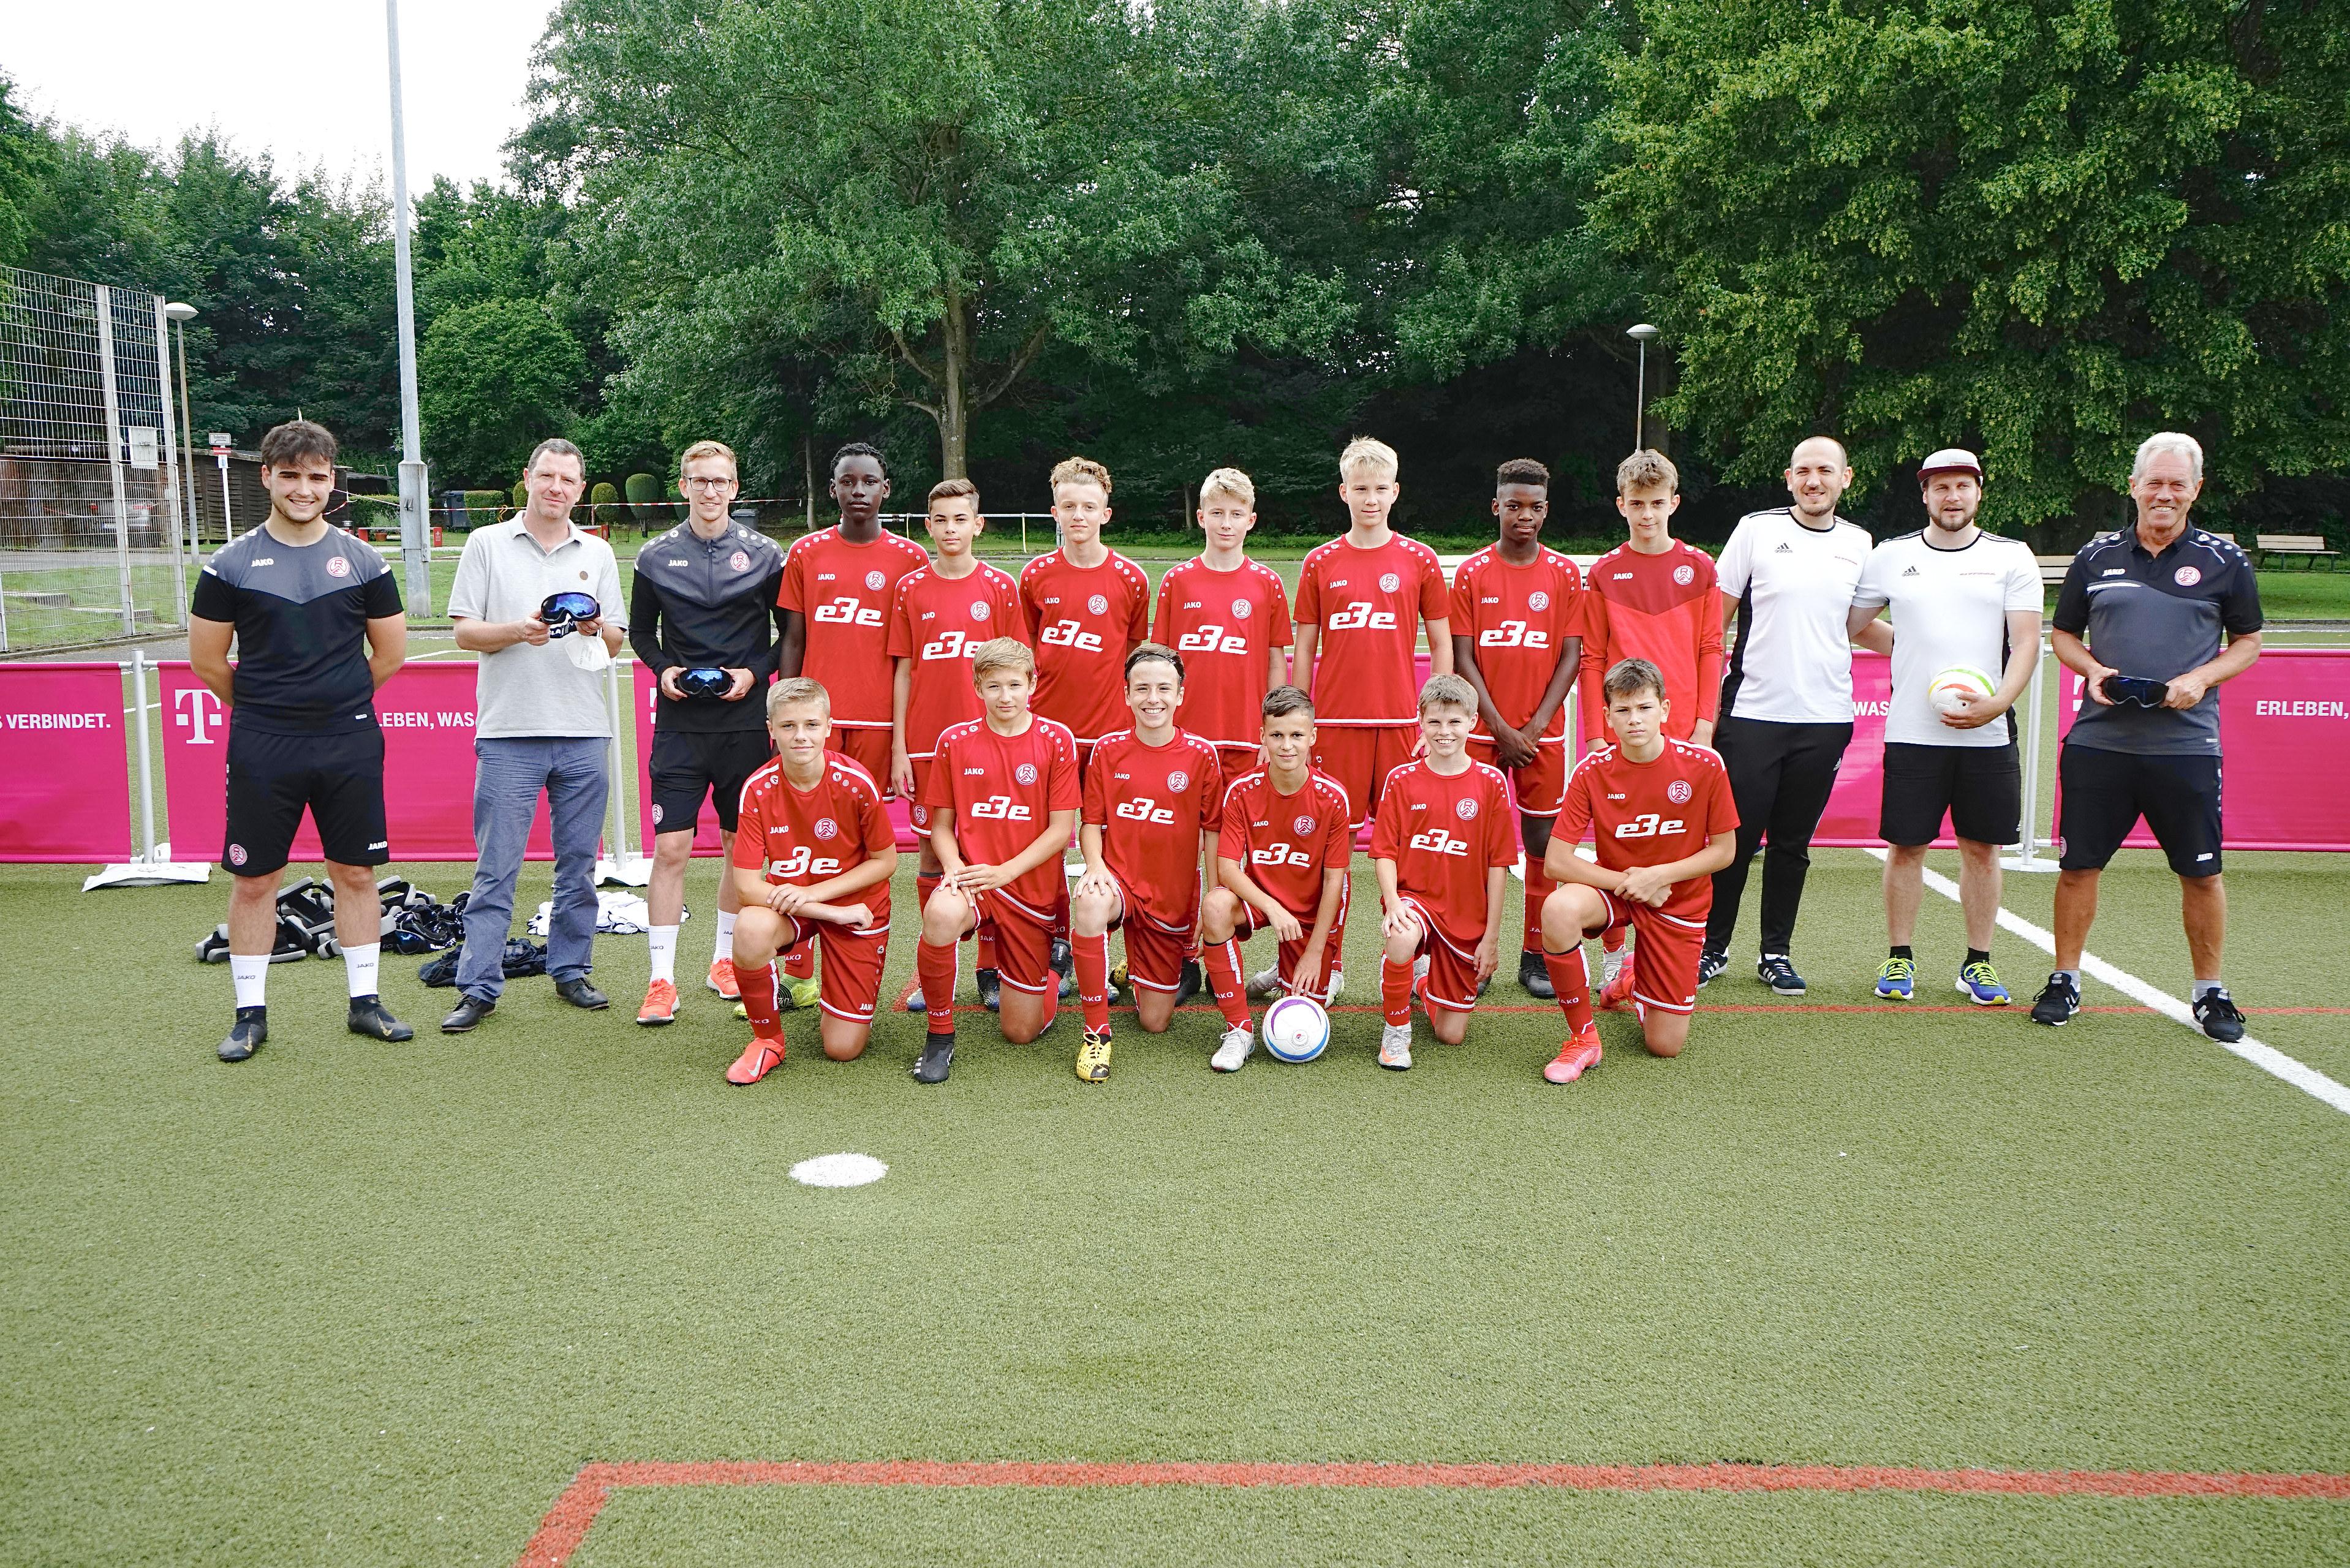 Gelebte Inklusion: Die Neue Sporterfahrung brachte den U13- und U14-Spielern von Rot-Weiss Essen den Blindenfußball näher. (Foto: Müller/EC)